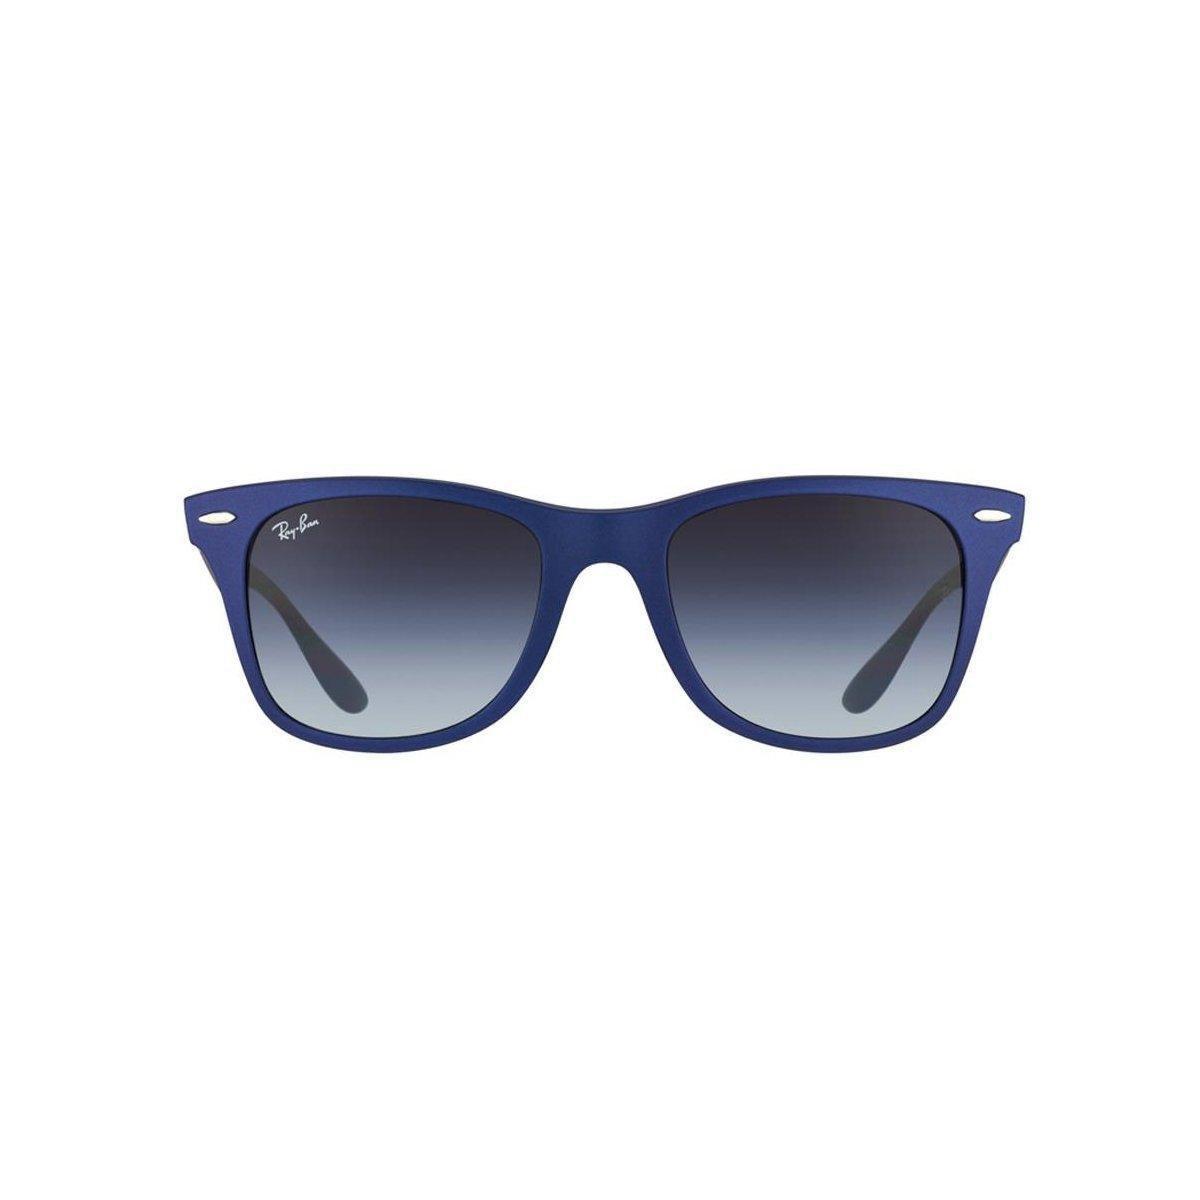 ef61b8f5c0b5b Óculos de Sol Ray Ban Wayfarer Liteforce - Compre Agora   Netshoes